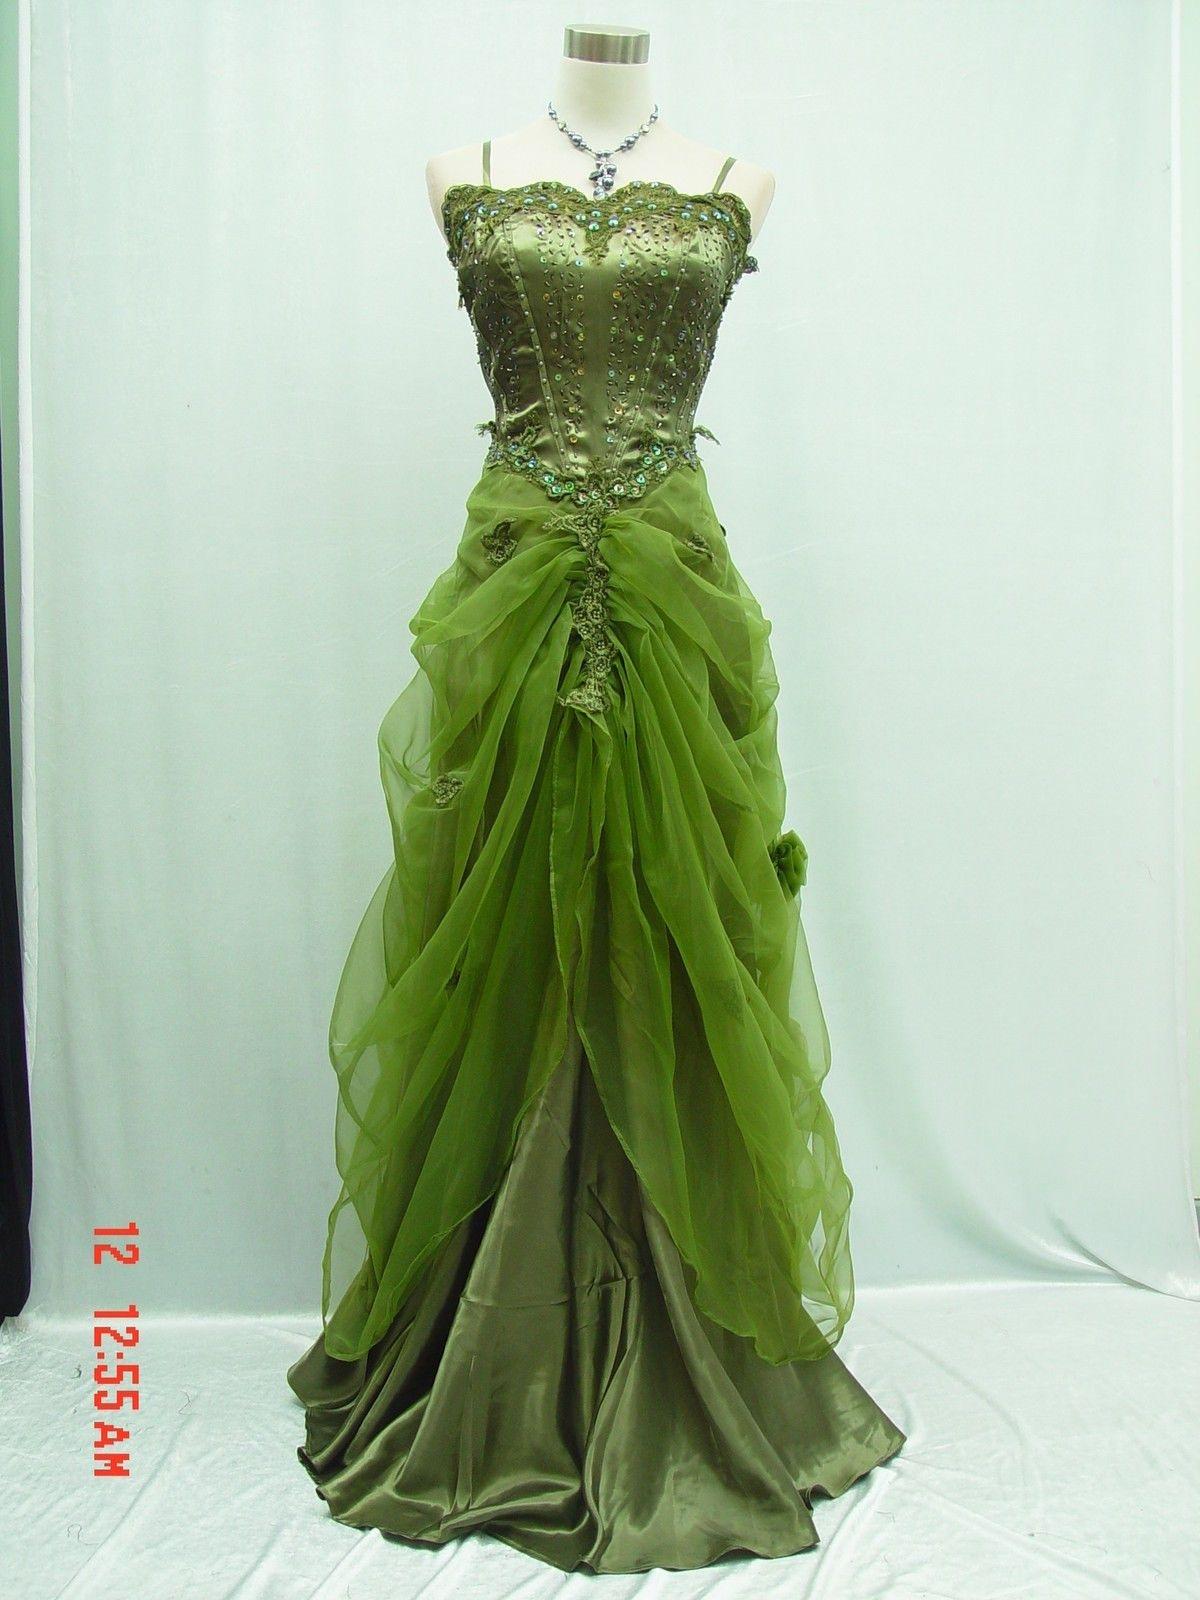 10 Perfekt Kleid Hochzeit Grün StylishAbend Elegant Kleid Hochzeit Grün Vertrieb